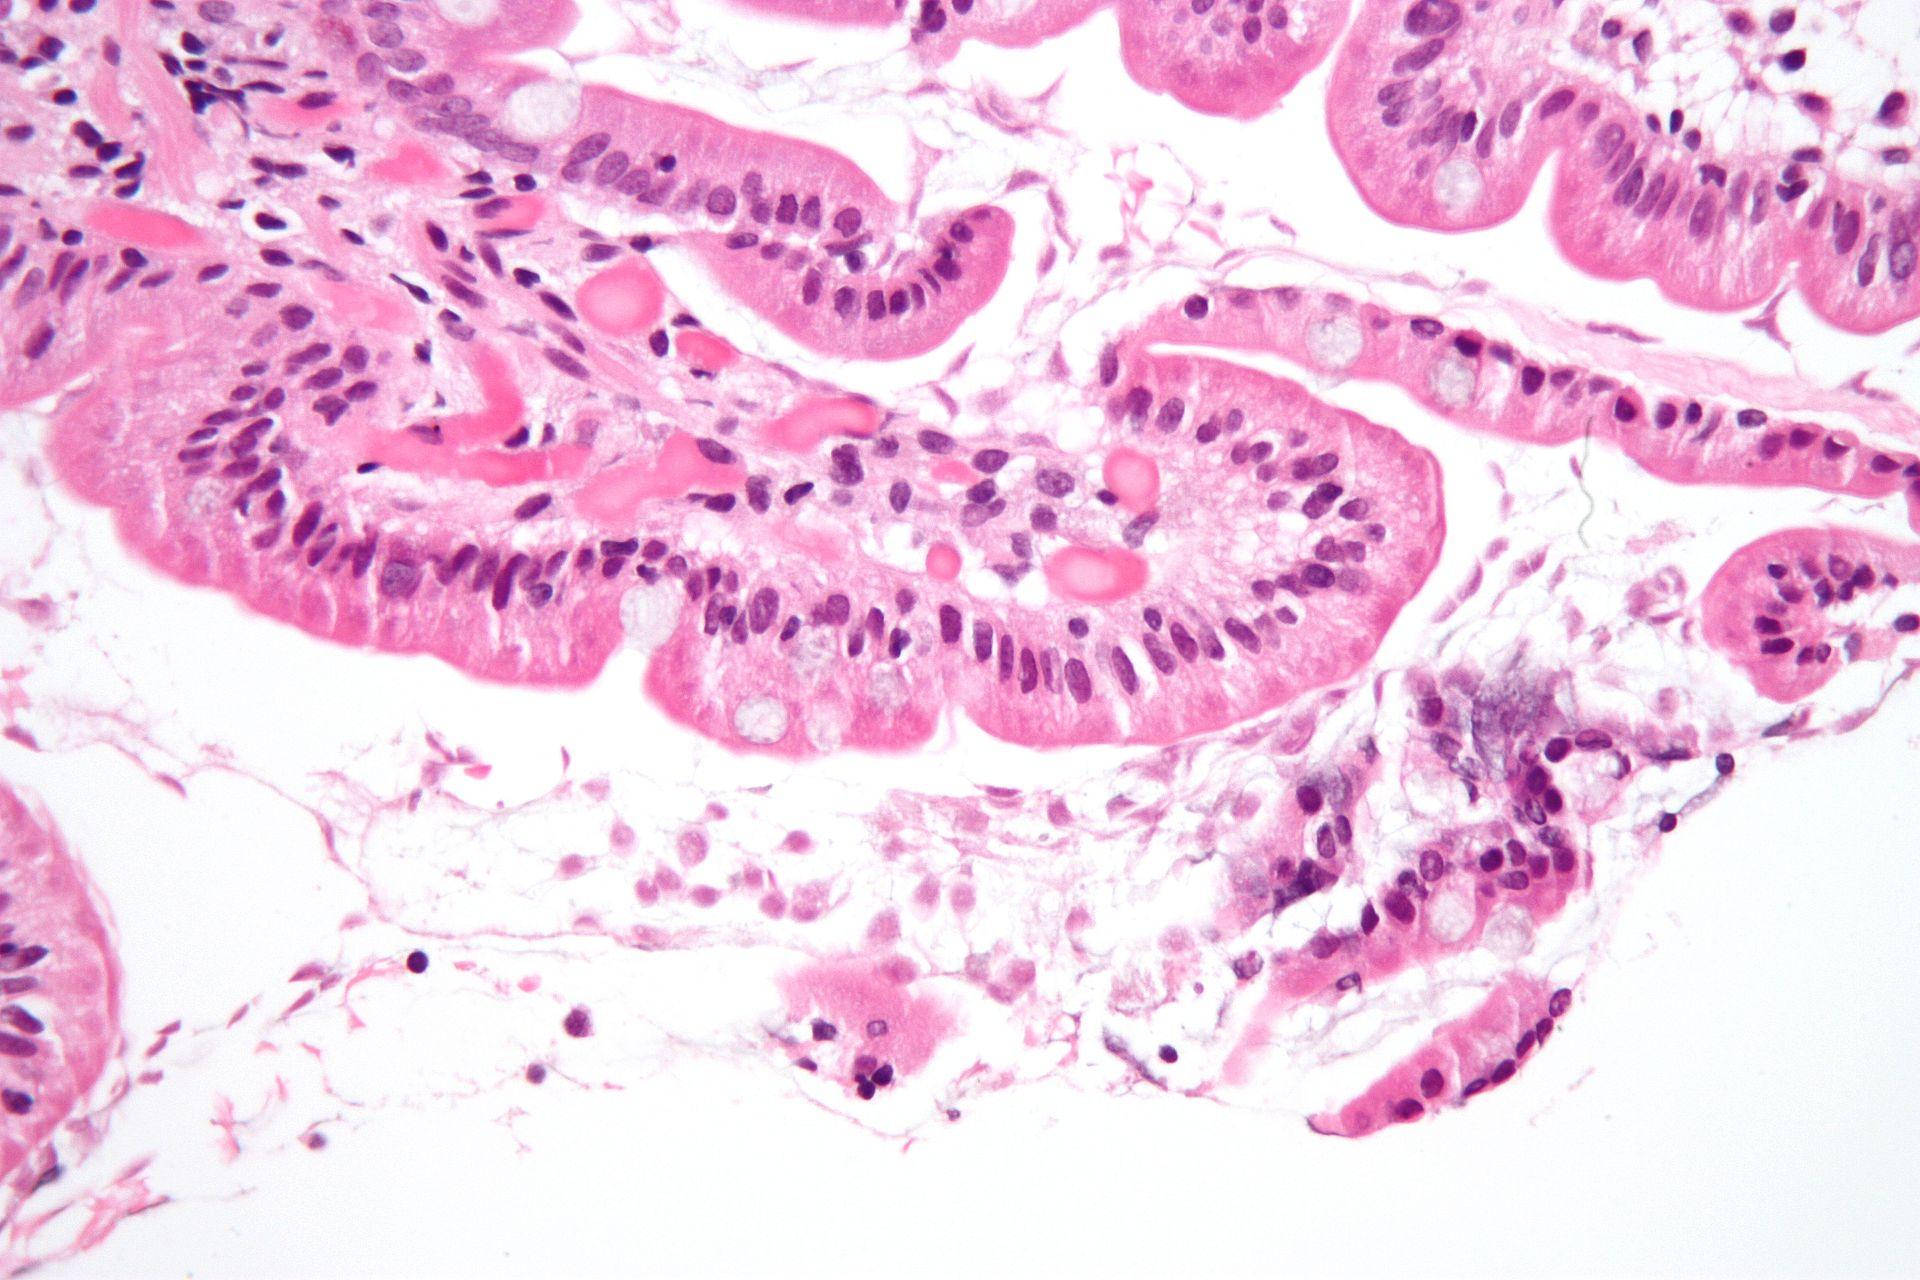 Les bactéries les helminthes de vidéo